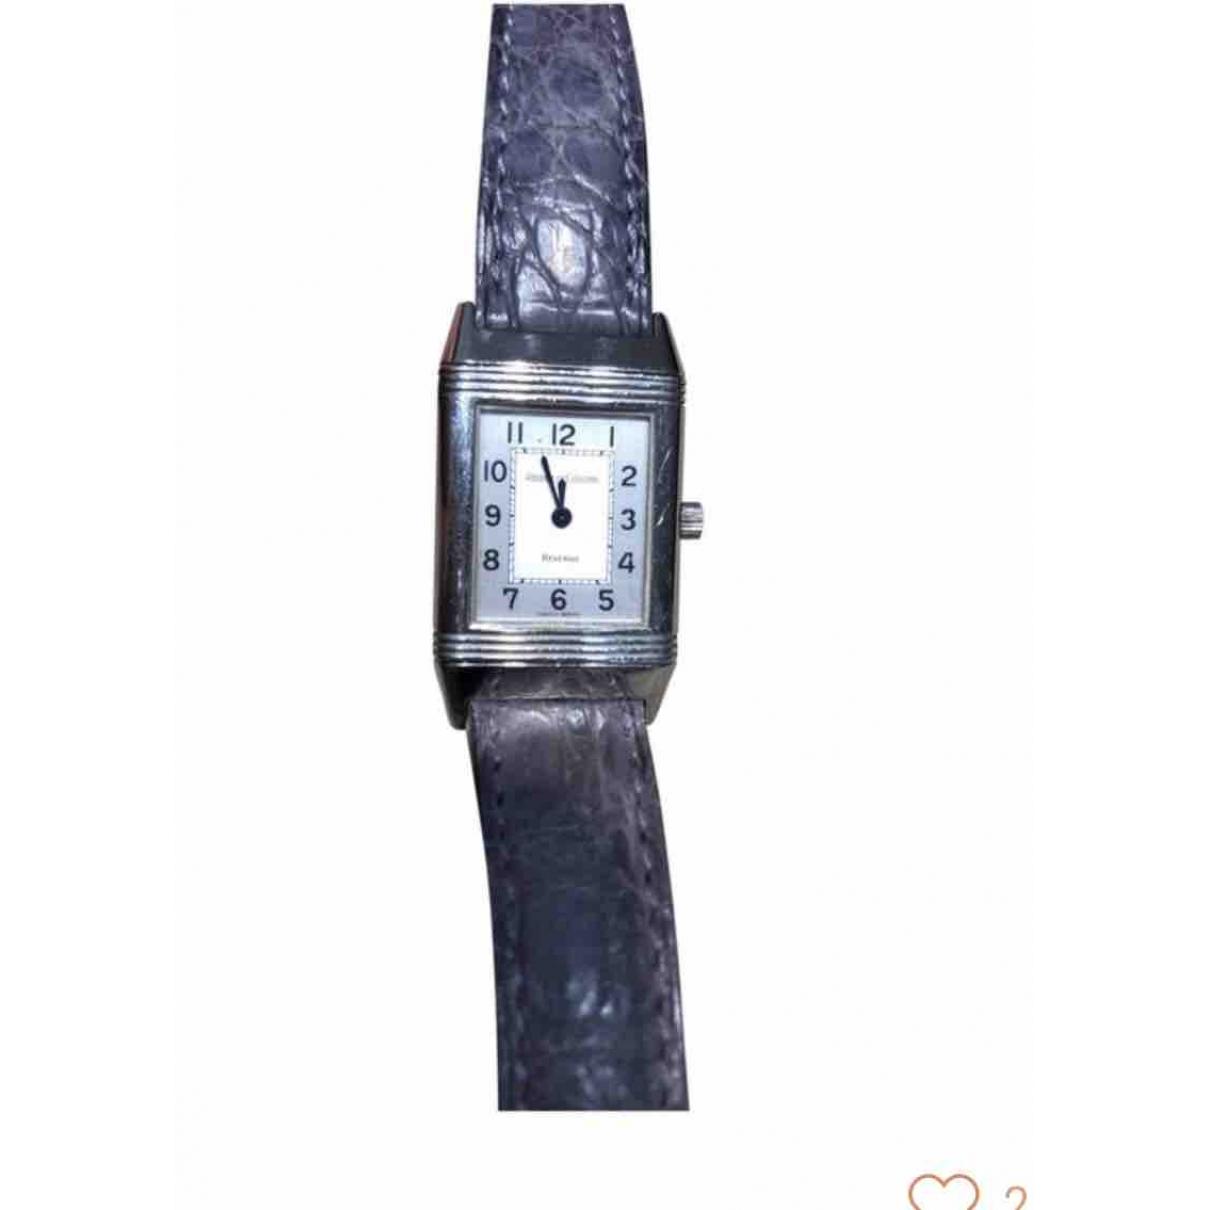 Jaeger-lecoultre Reverso Uhr in  Silber Stahl